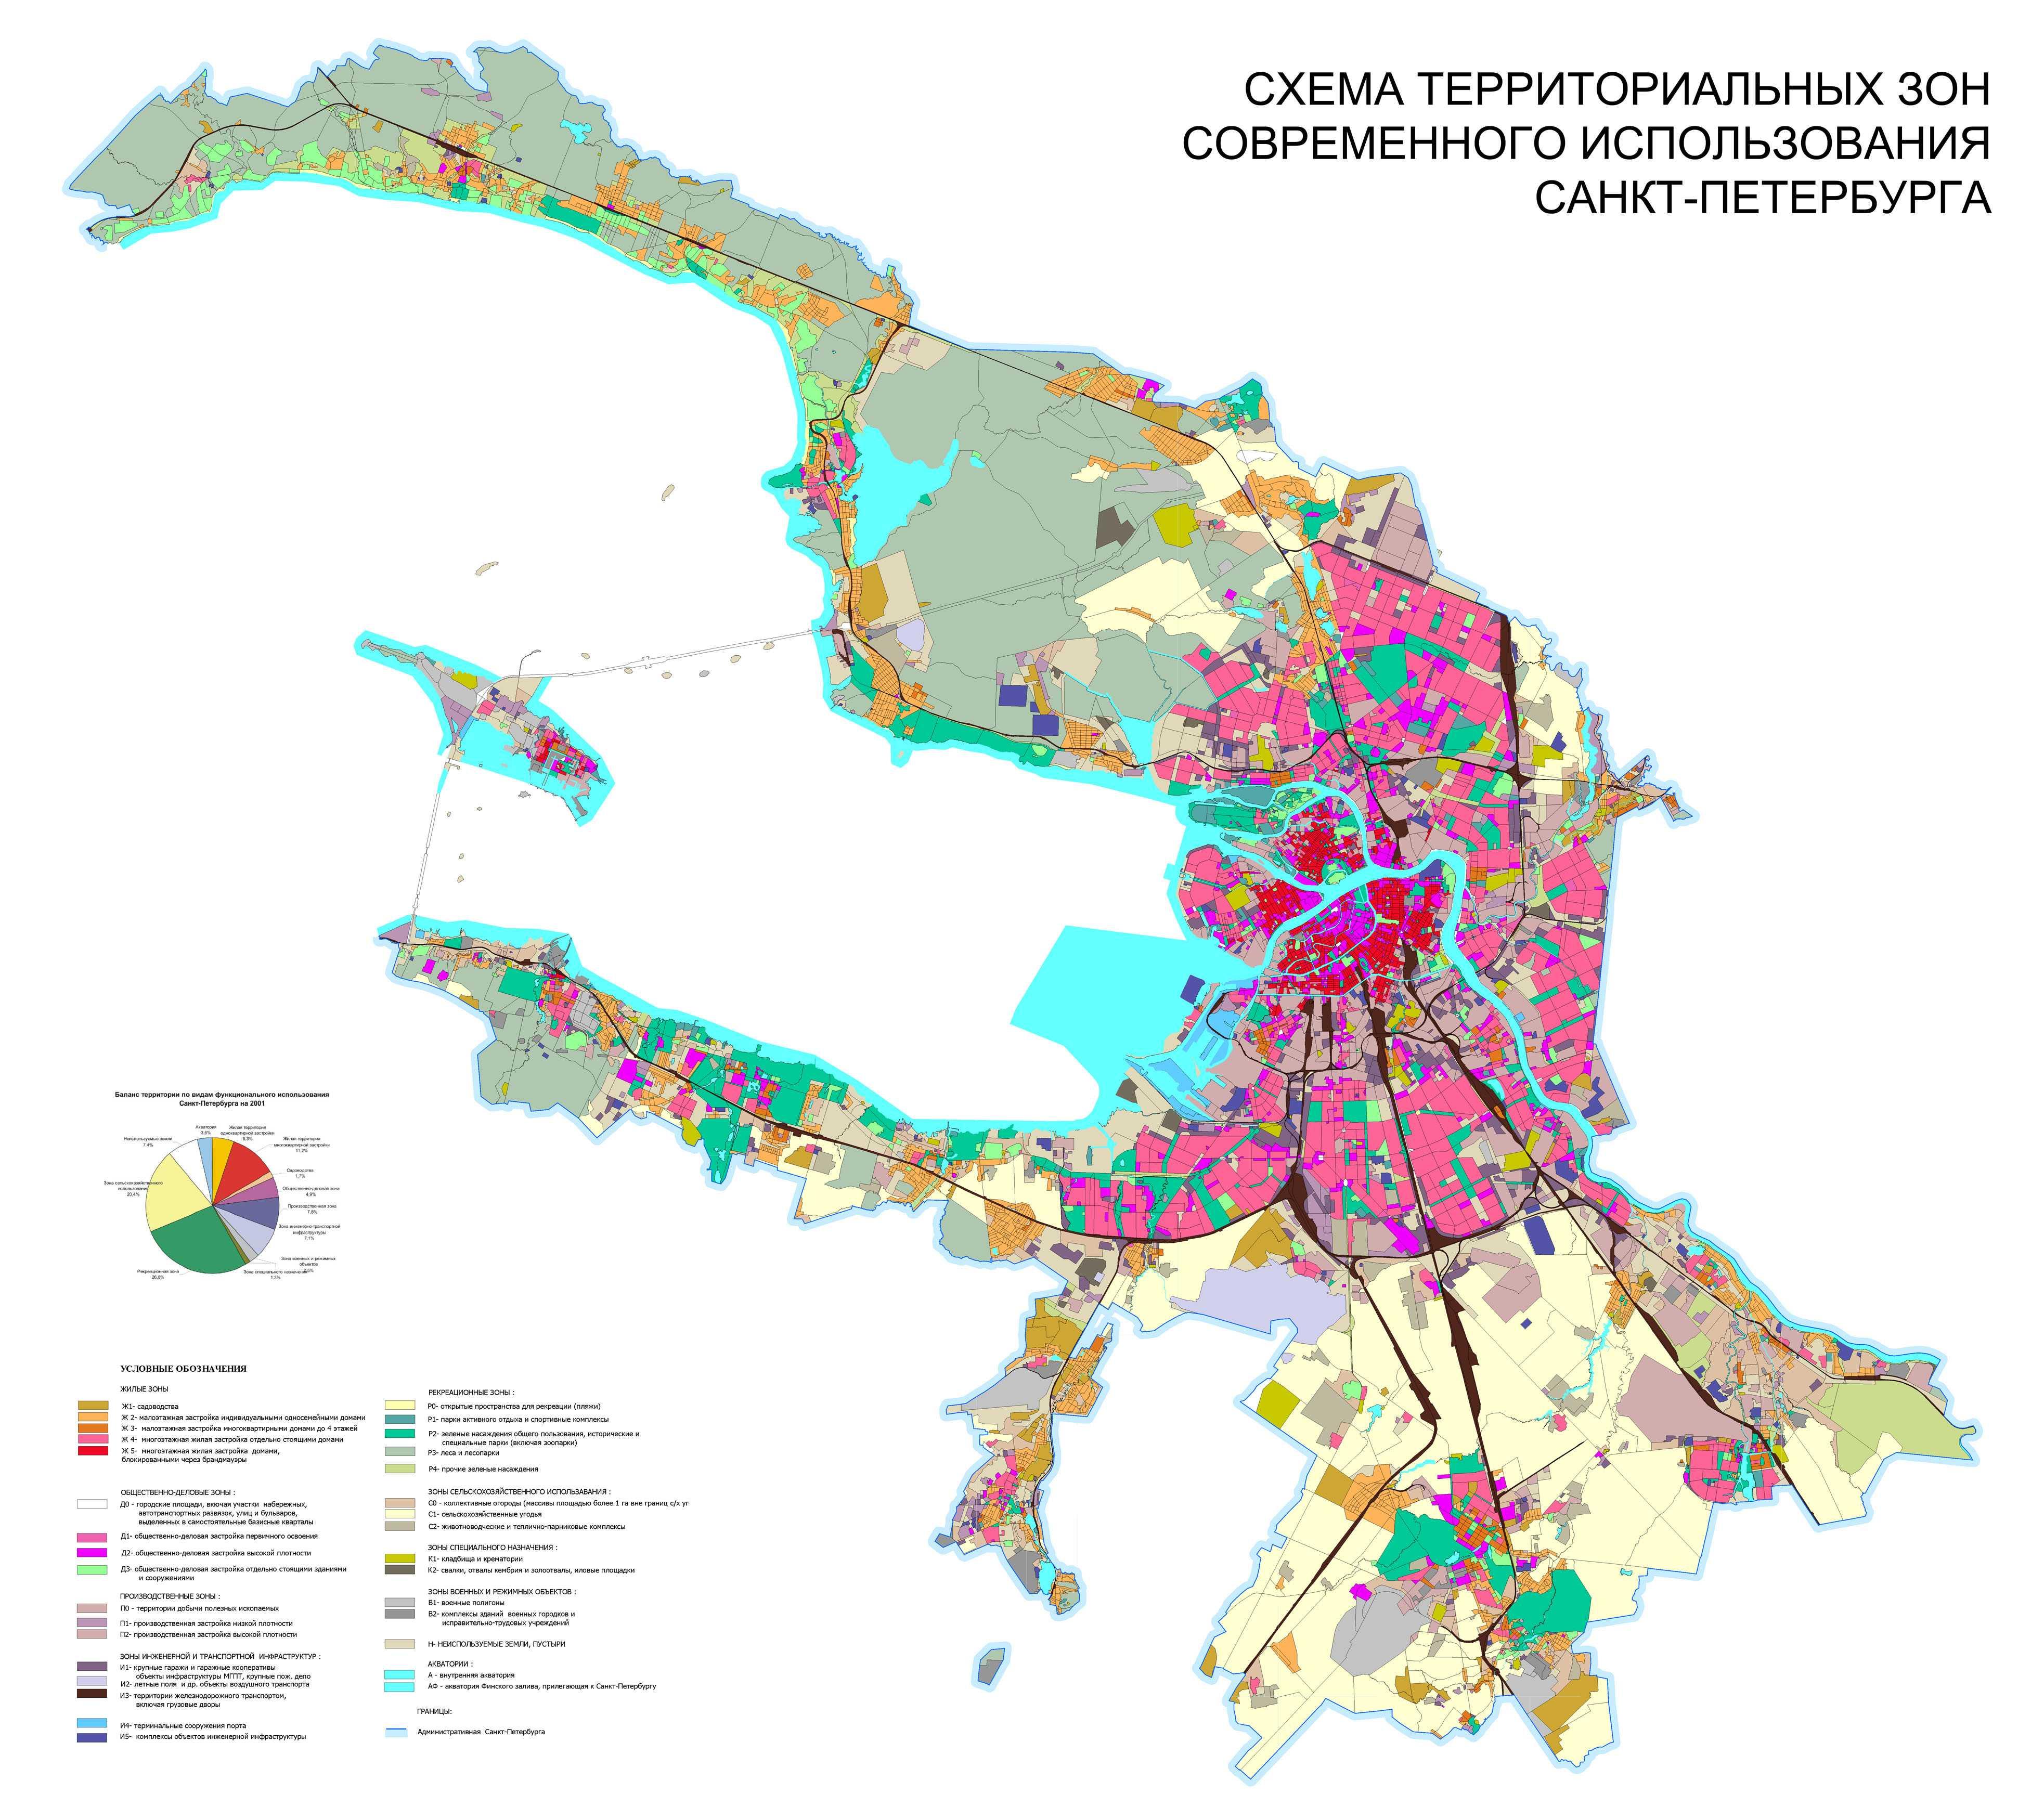 Схема территориальных зон современного использования Санкт-Петербурга.